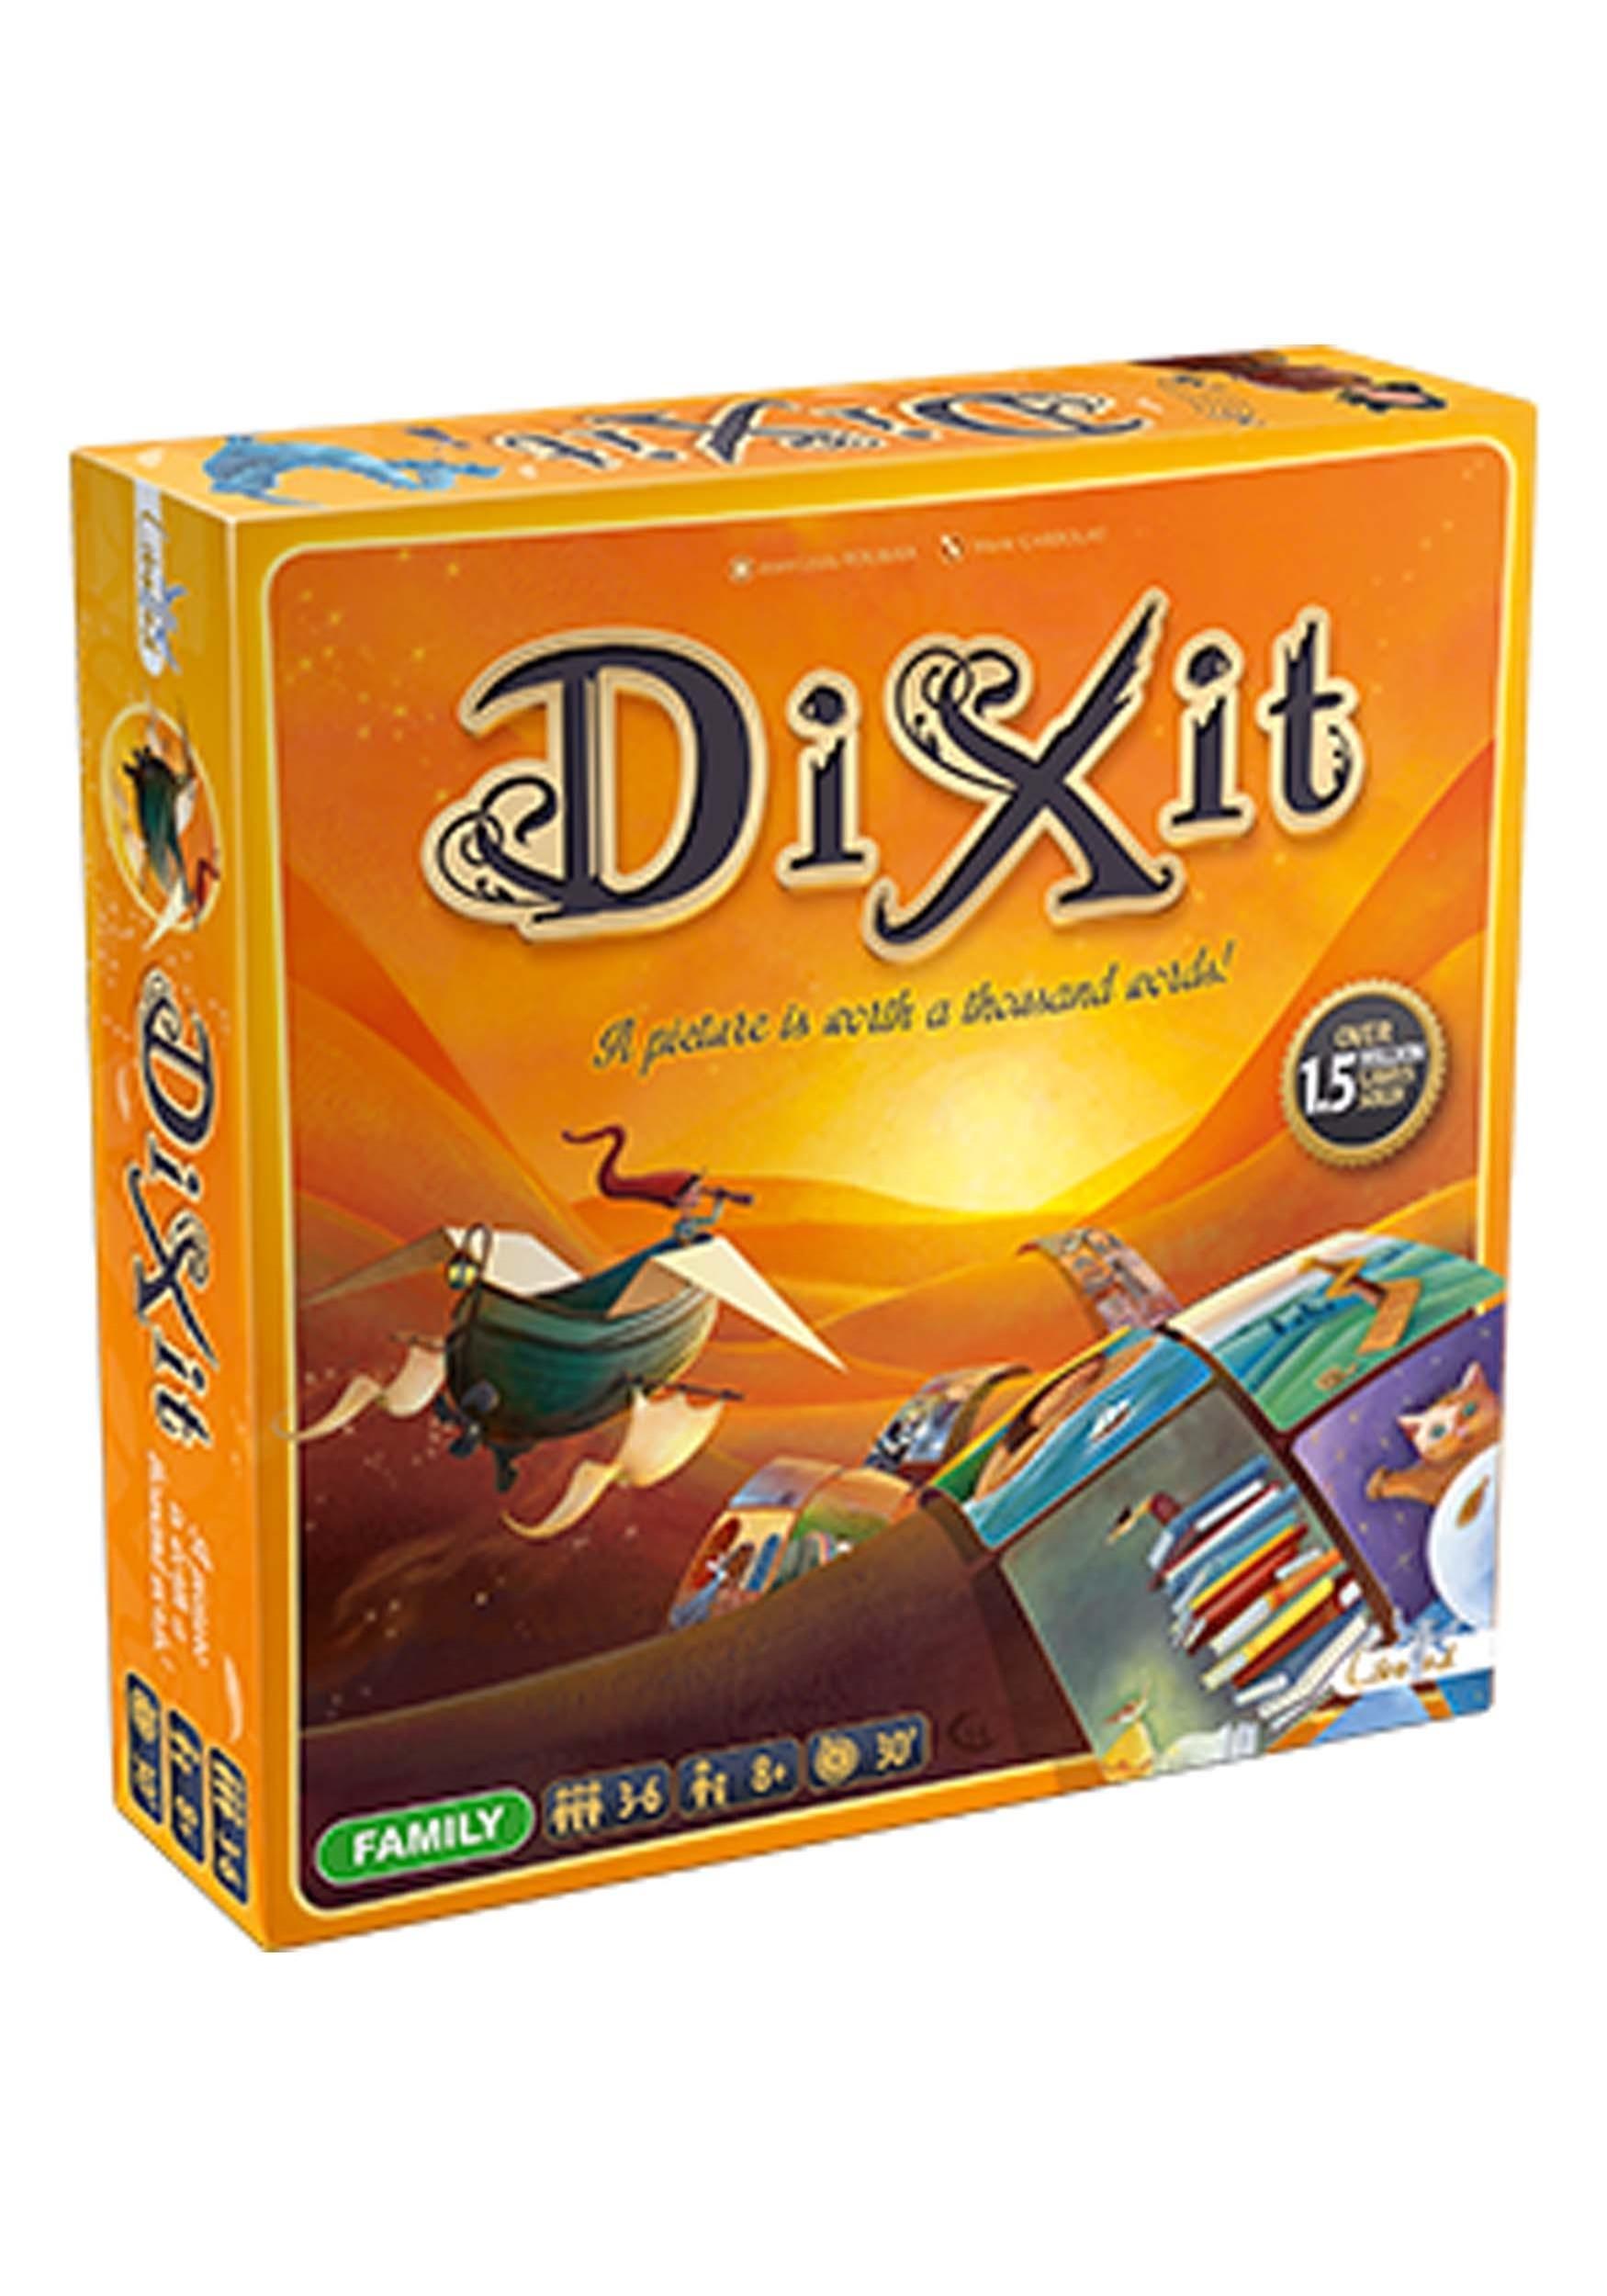 Dixit Card Game